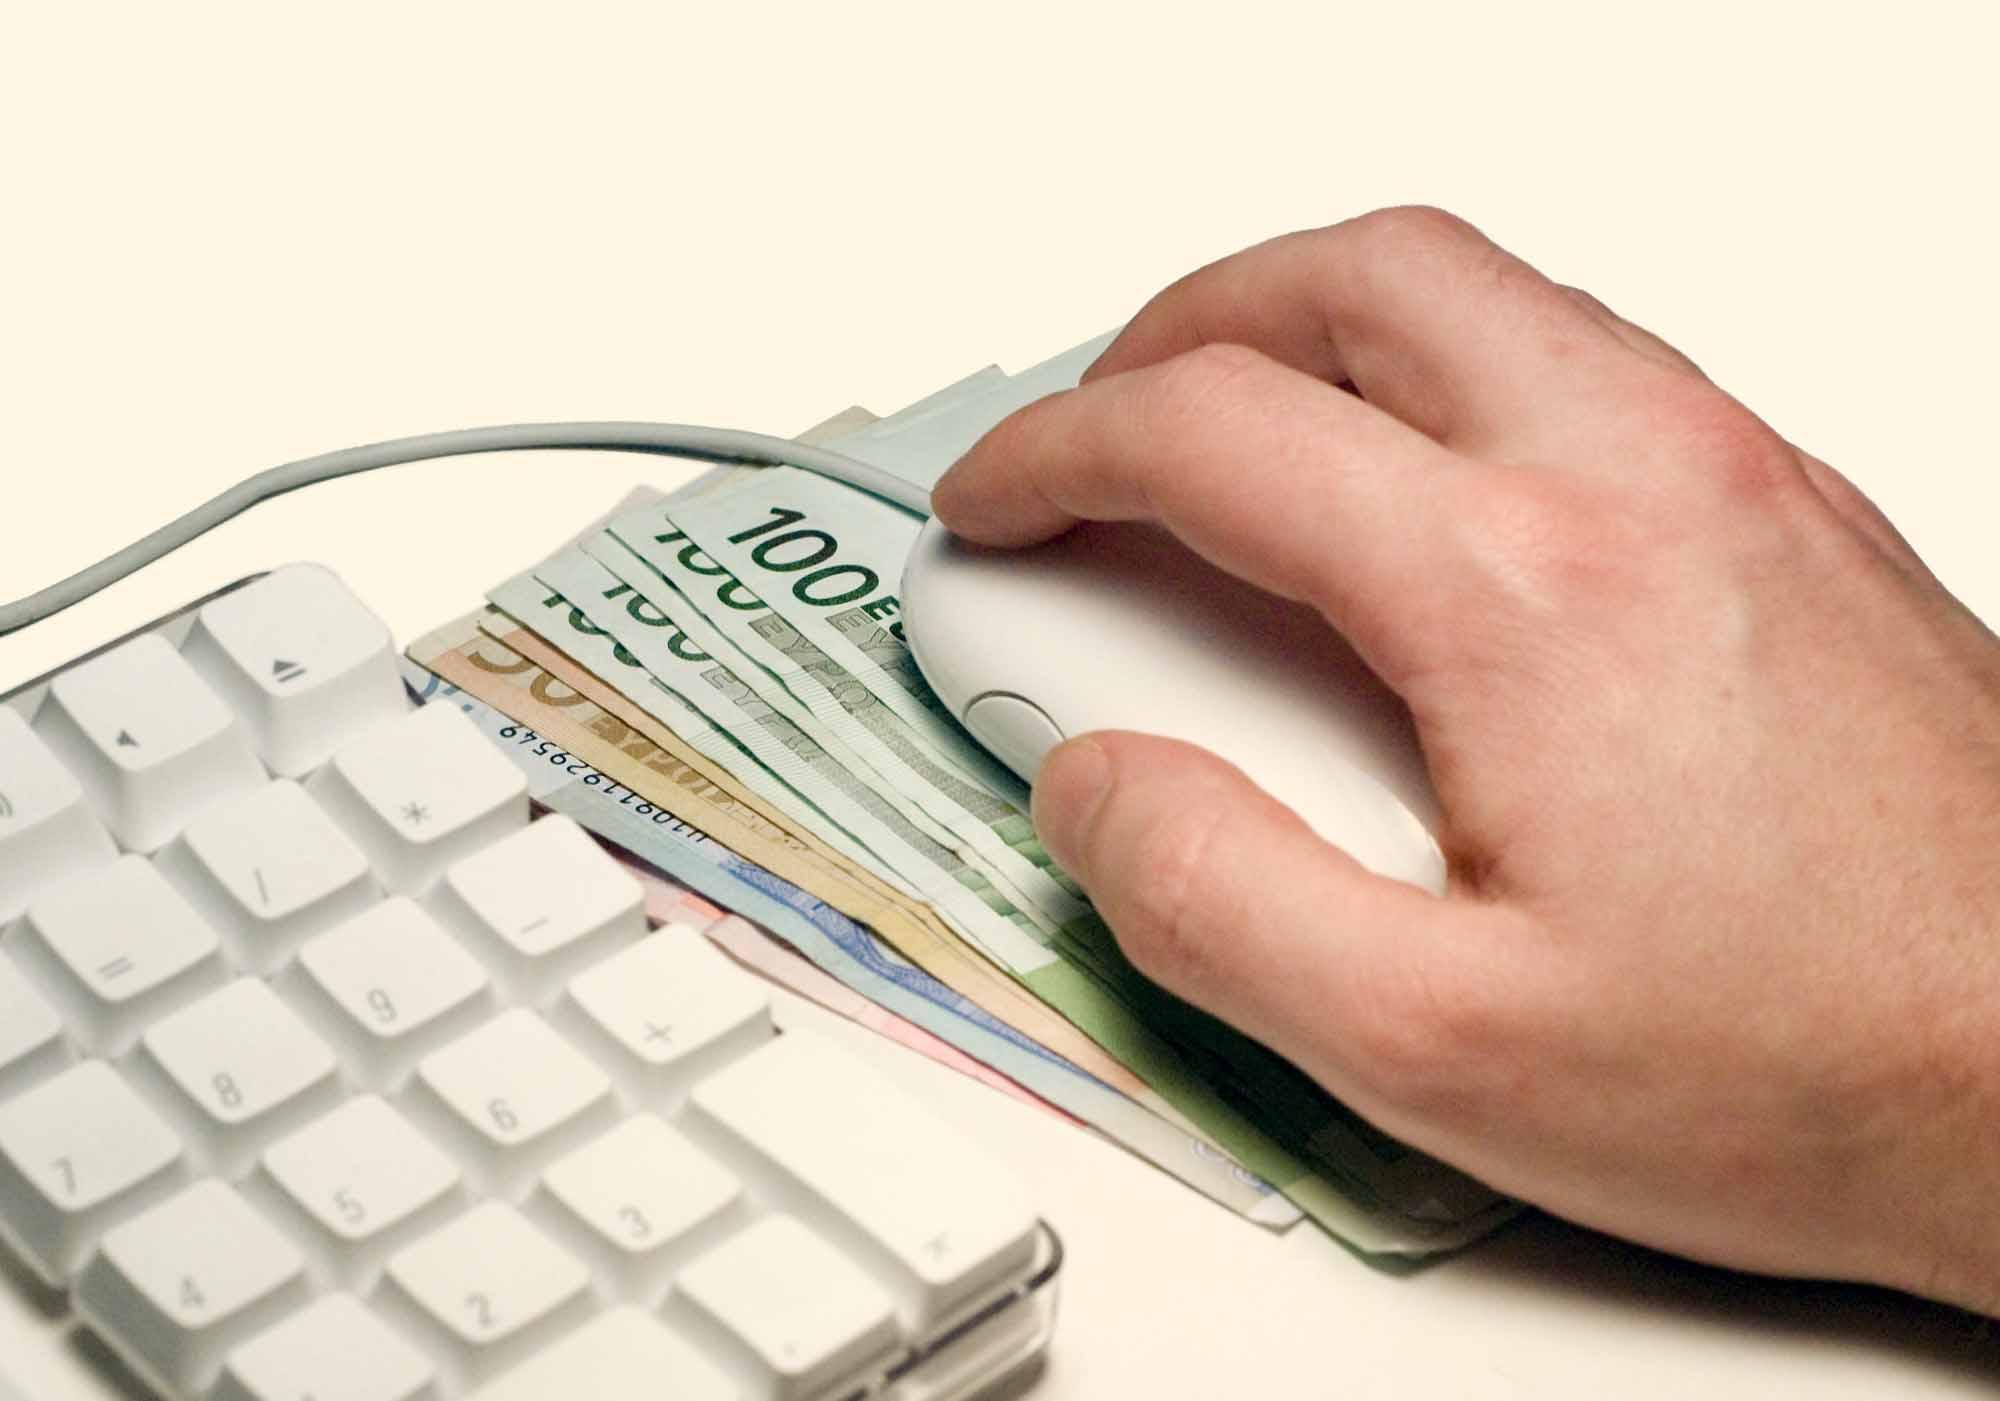 comprare su internet senza rischi